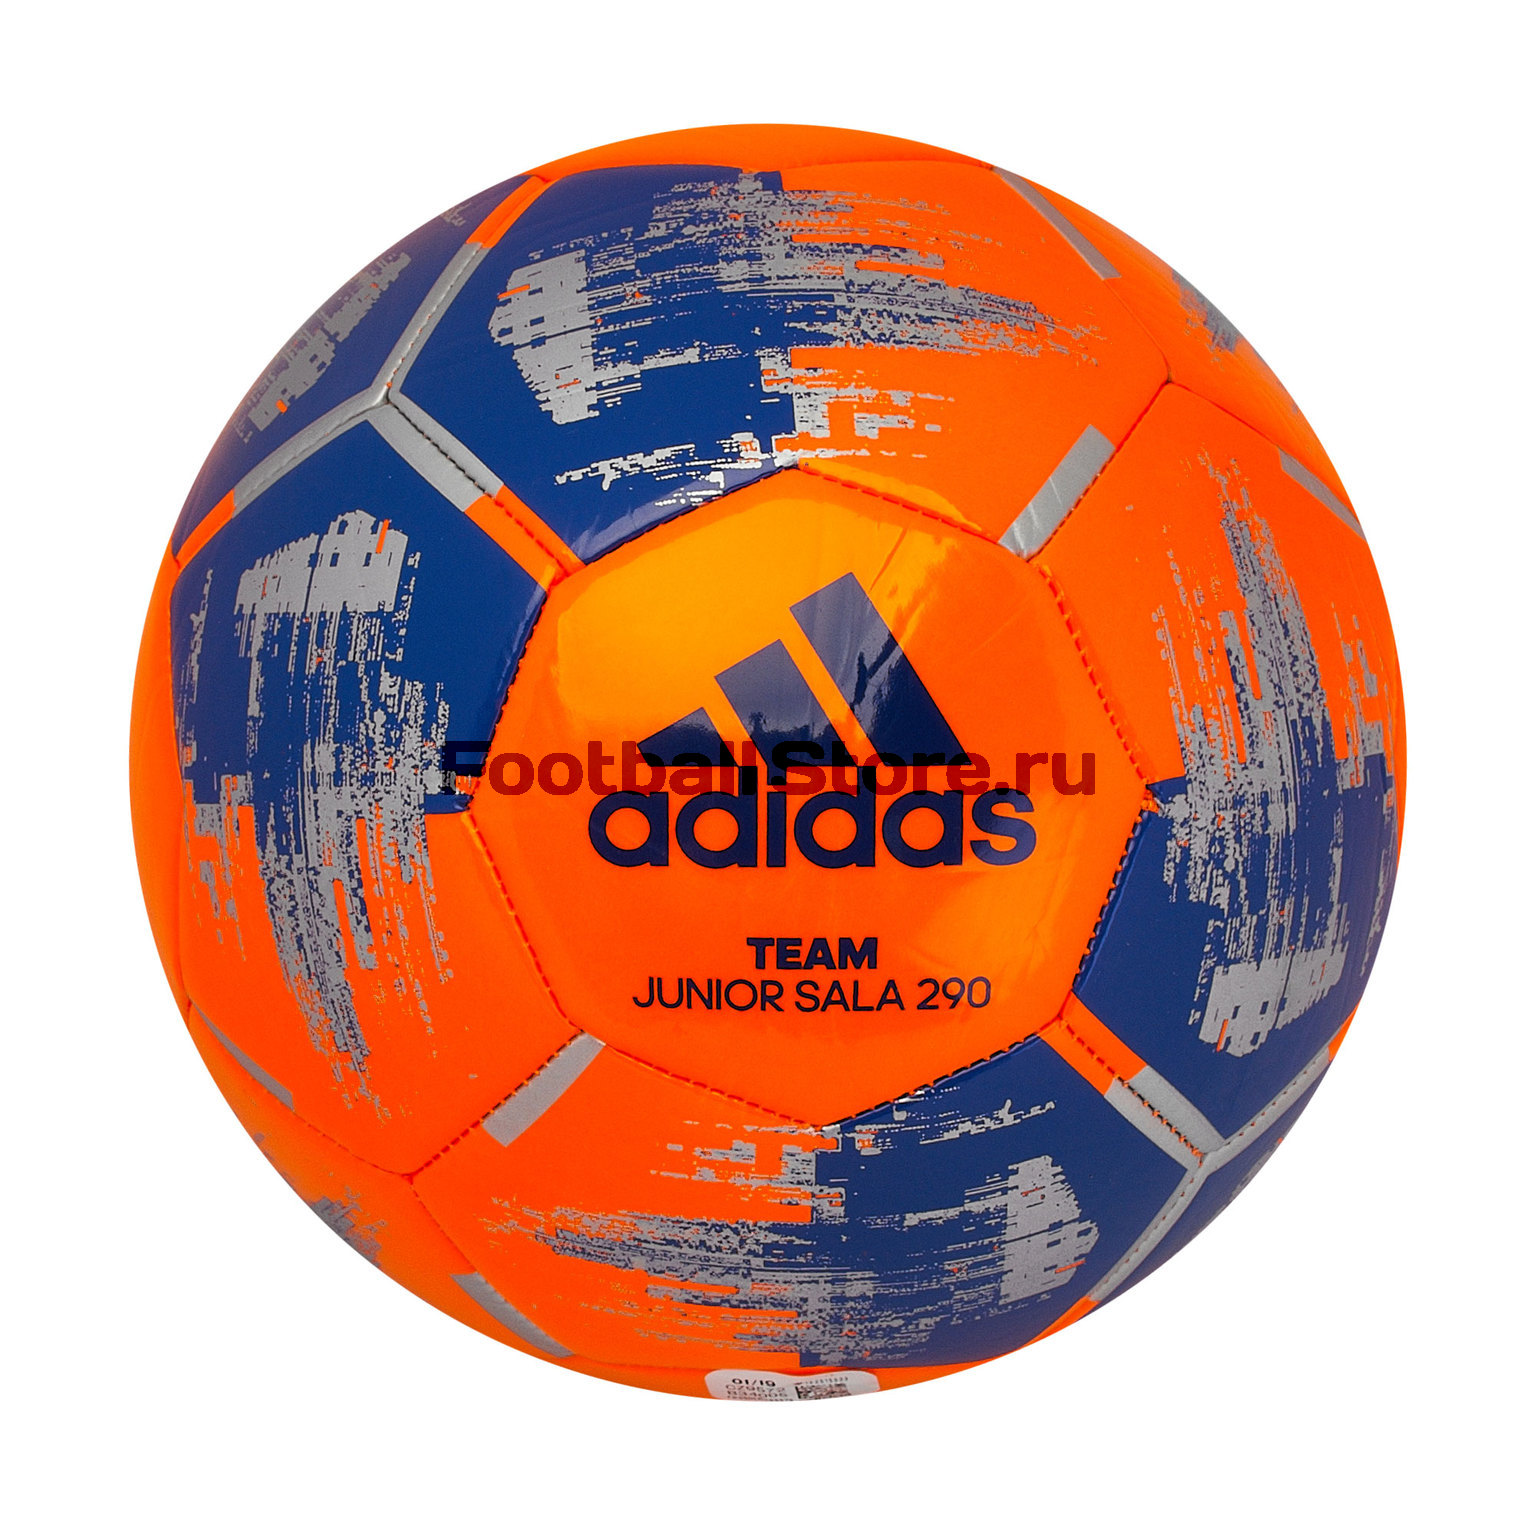 Футзальный мяч Adidas Team JS290 CZ9572 цена